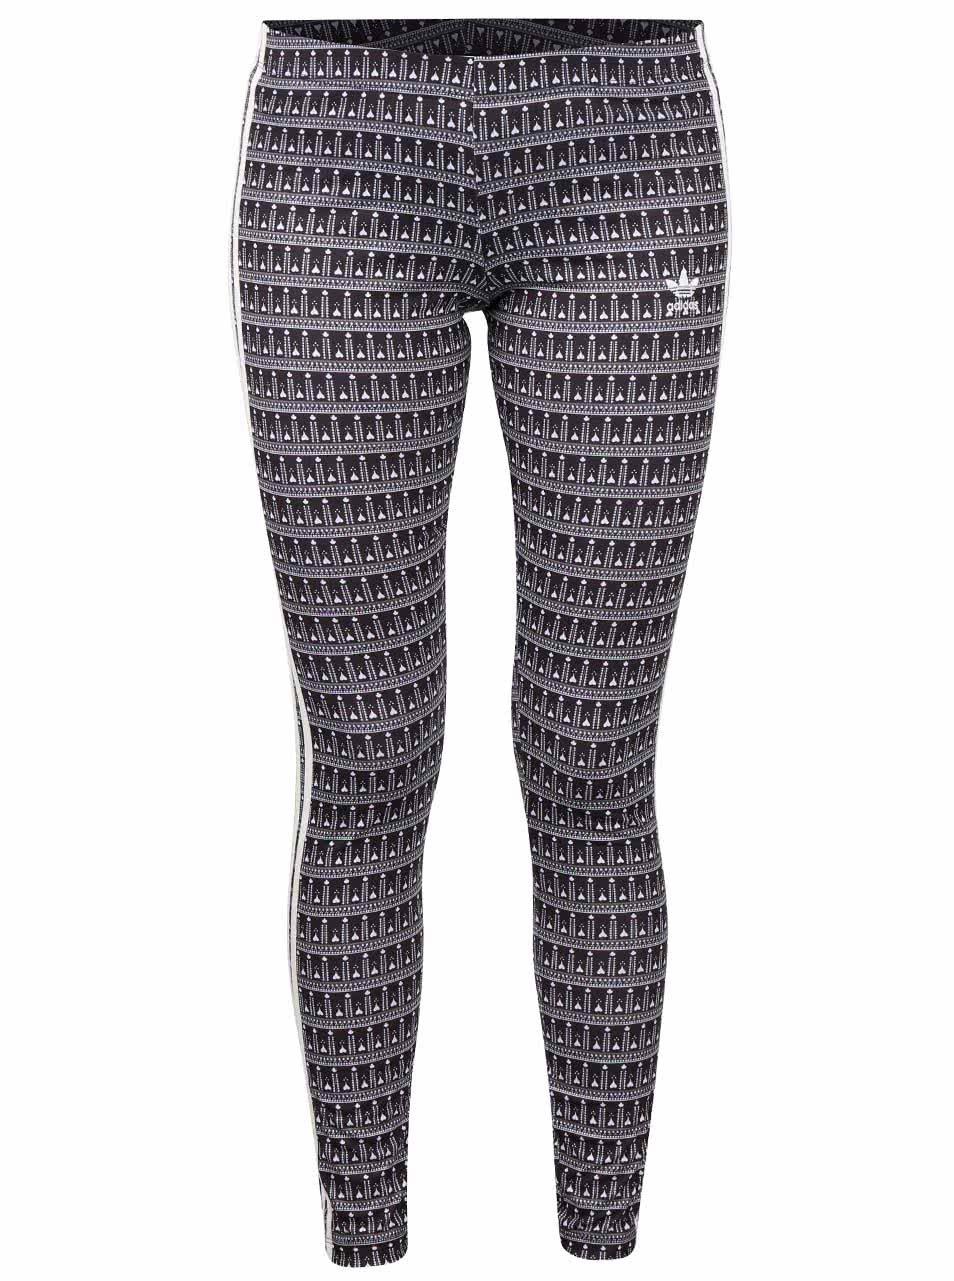 Bílo-černé dámské vzorované legíny adidas Originals Pavao